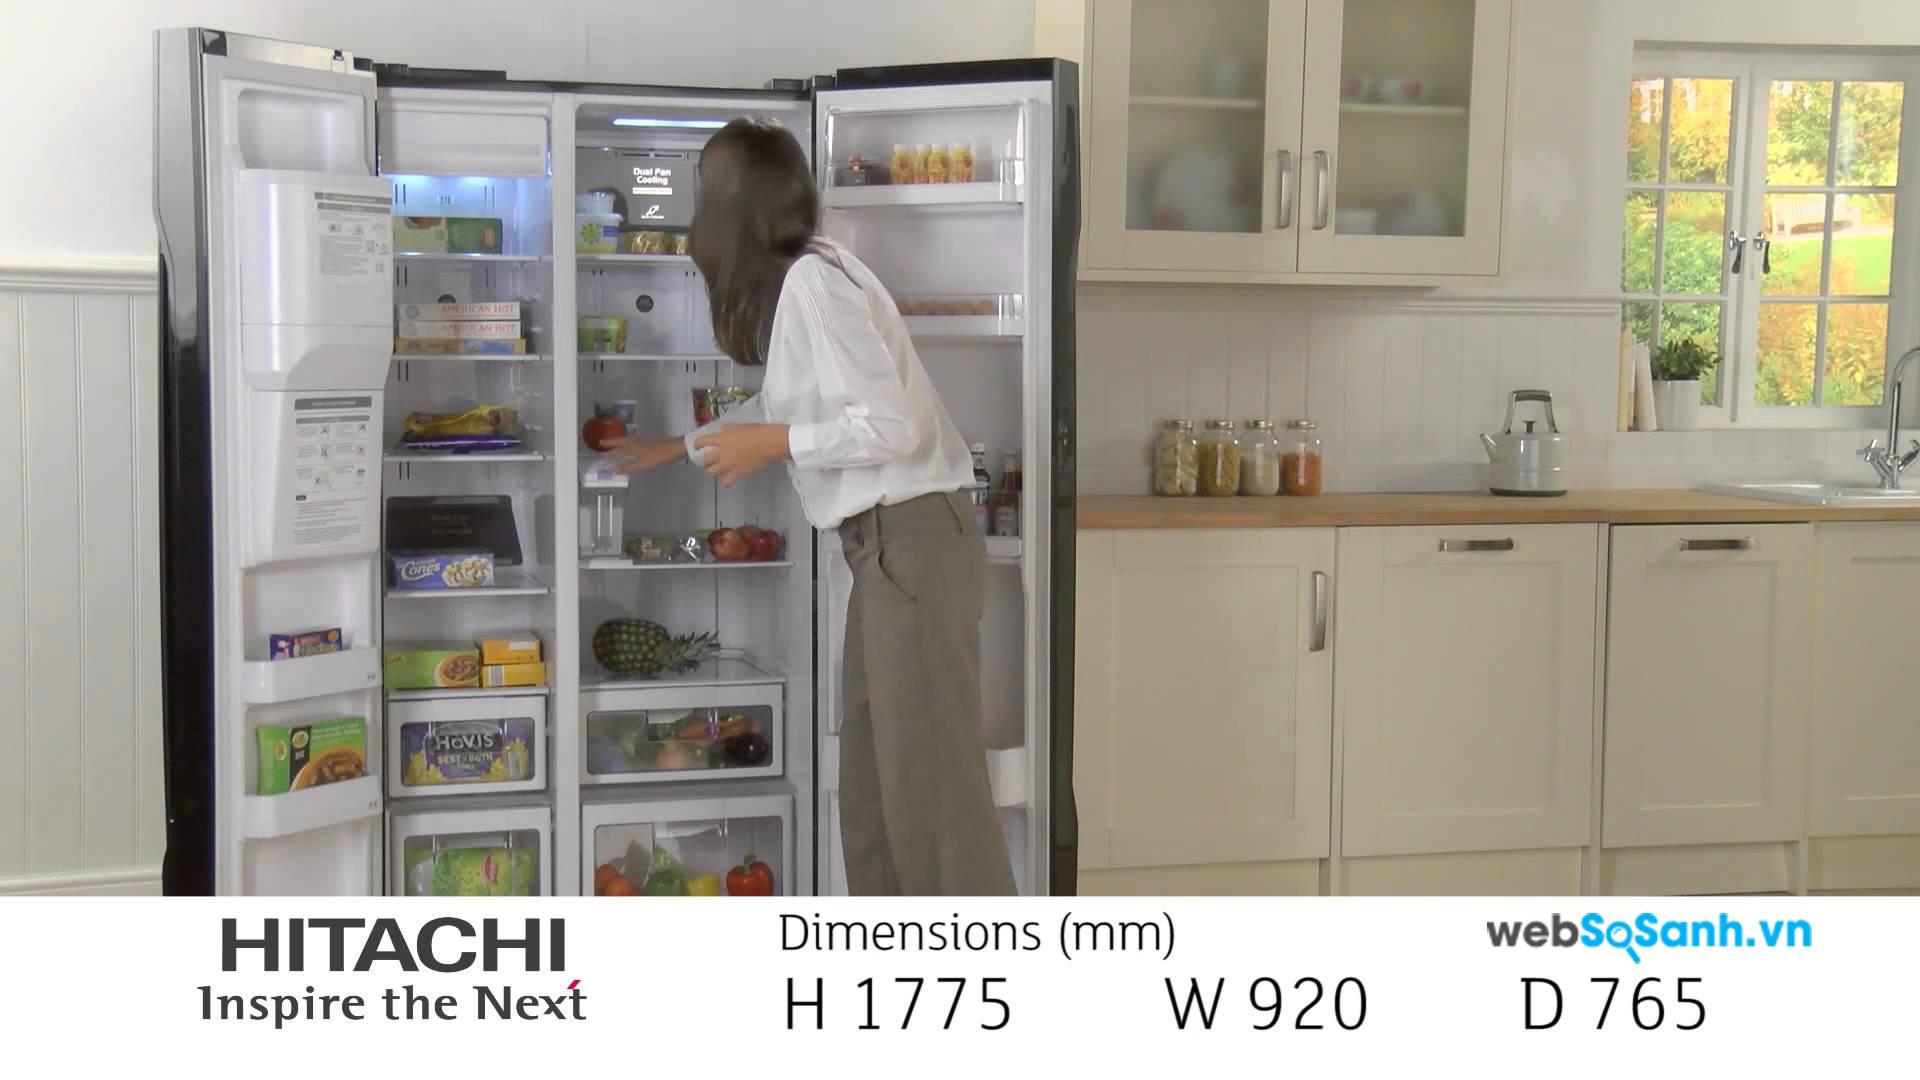 Hitachi là dòng tủ lạnh cao cấp được nhiều người ưa thích sử dụng